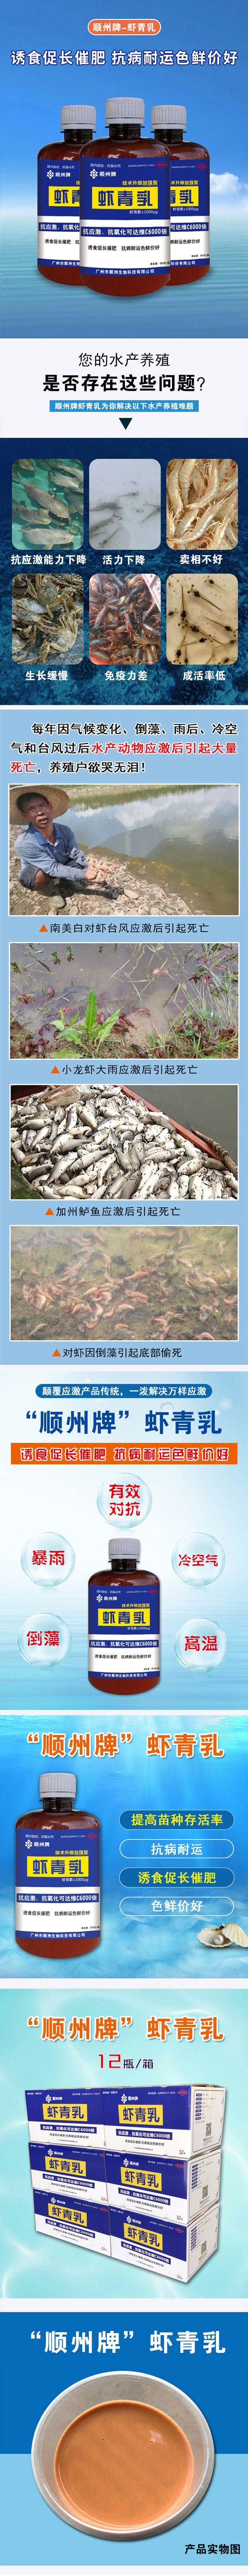 虾青乳-详情页2.jpg